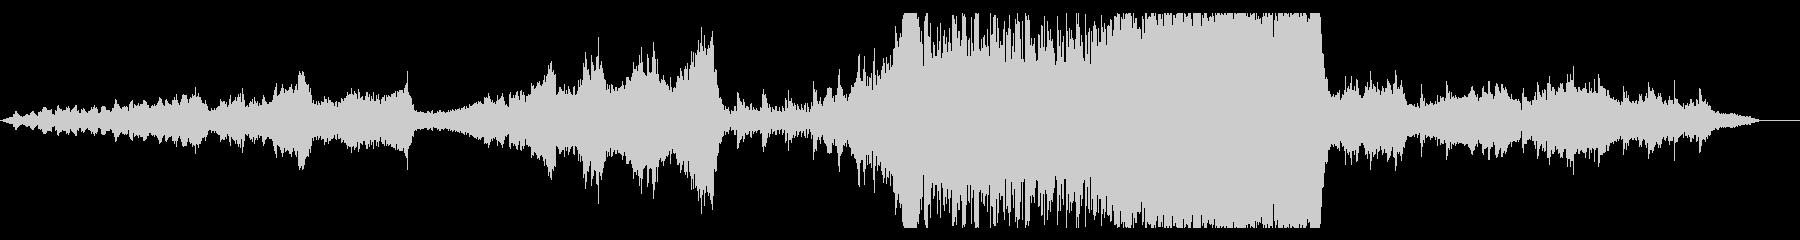 大自然壮大オーケストラ pno syn無の未再生の波形